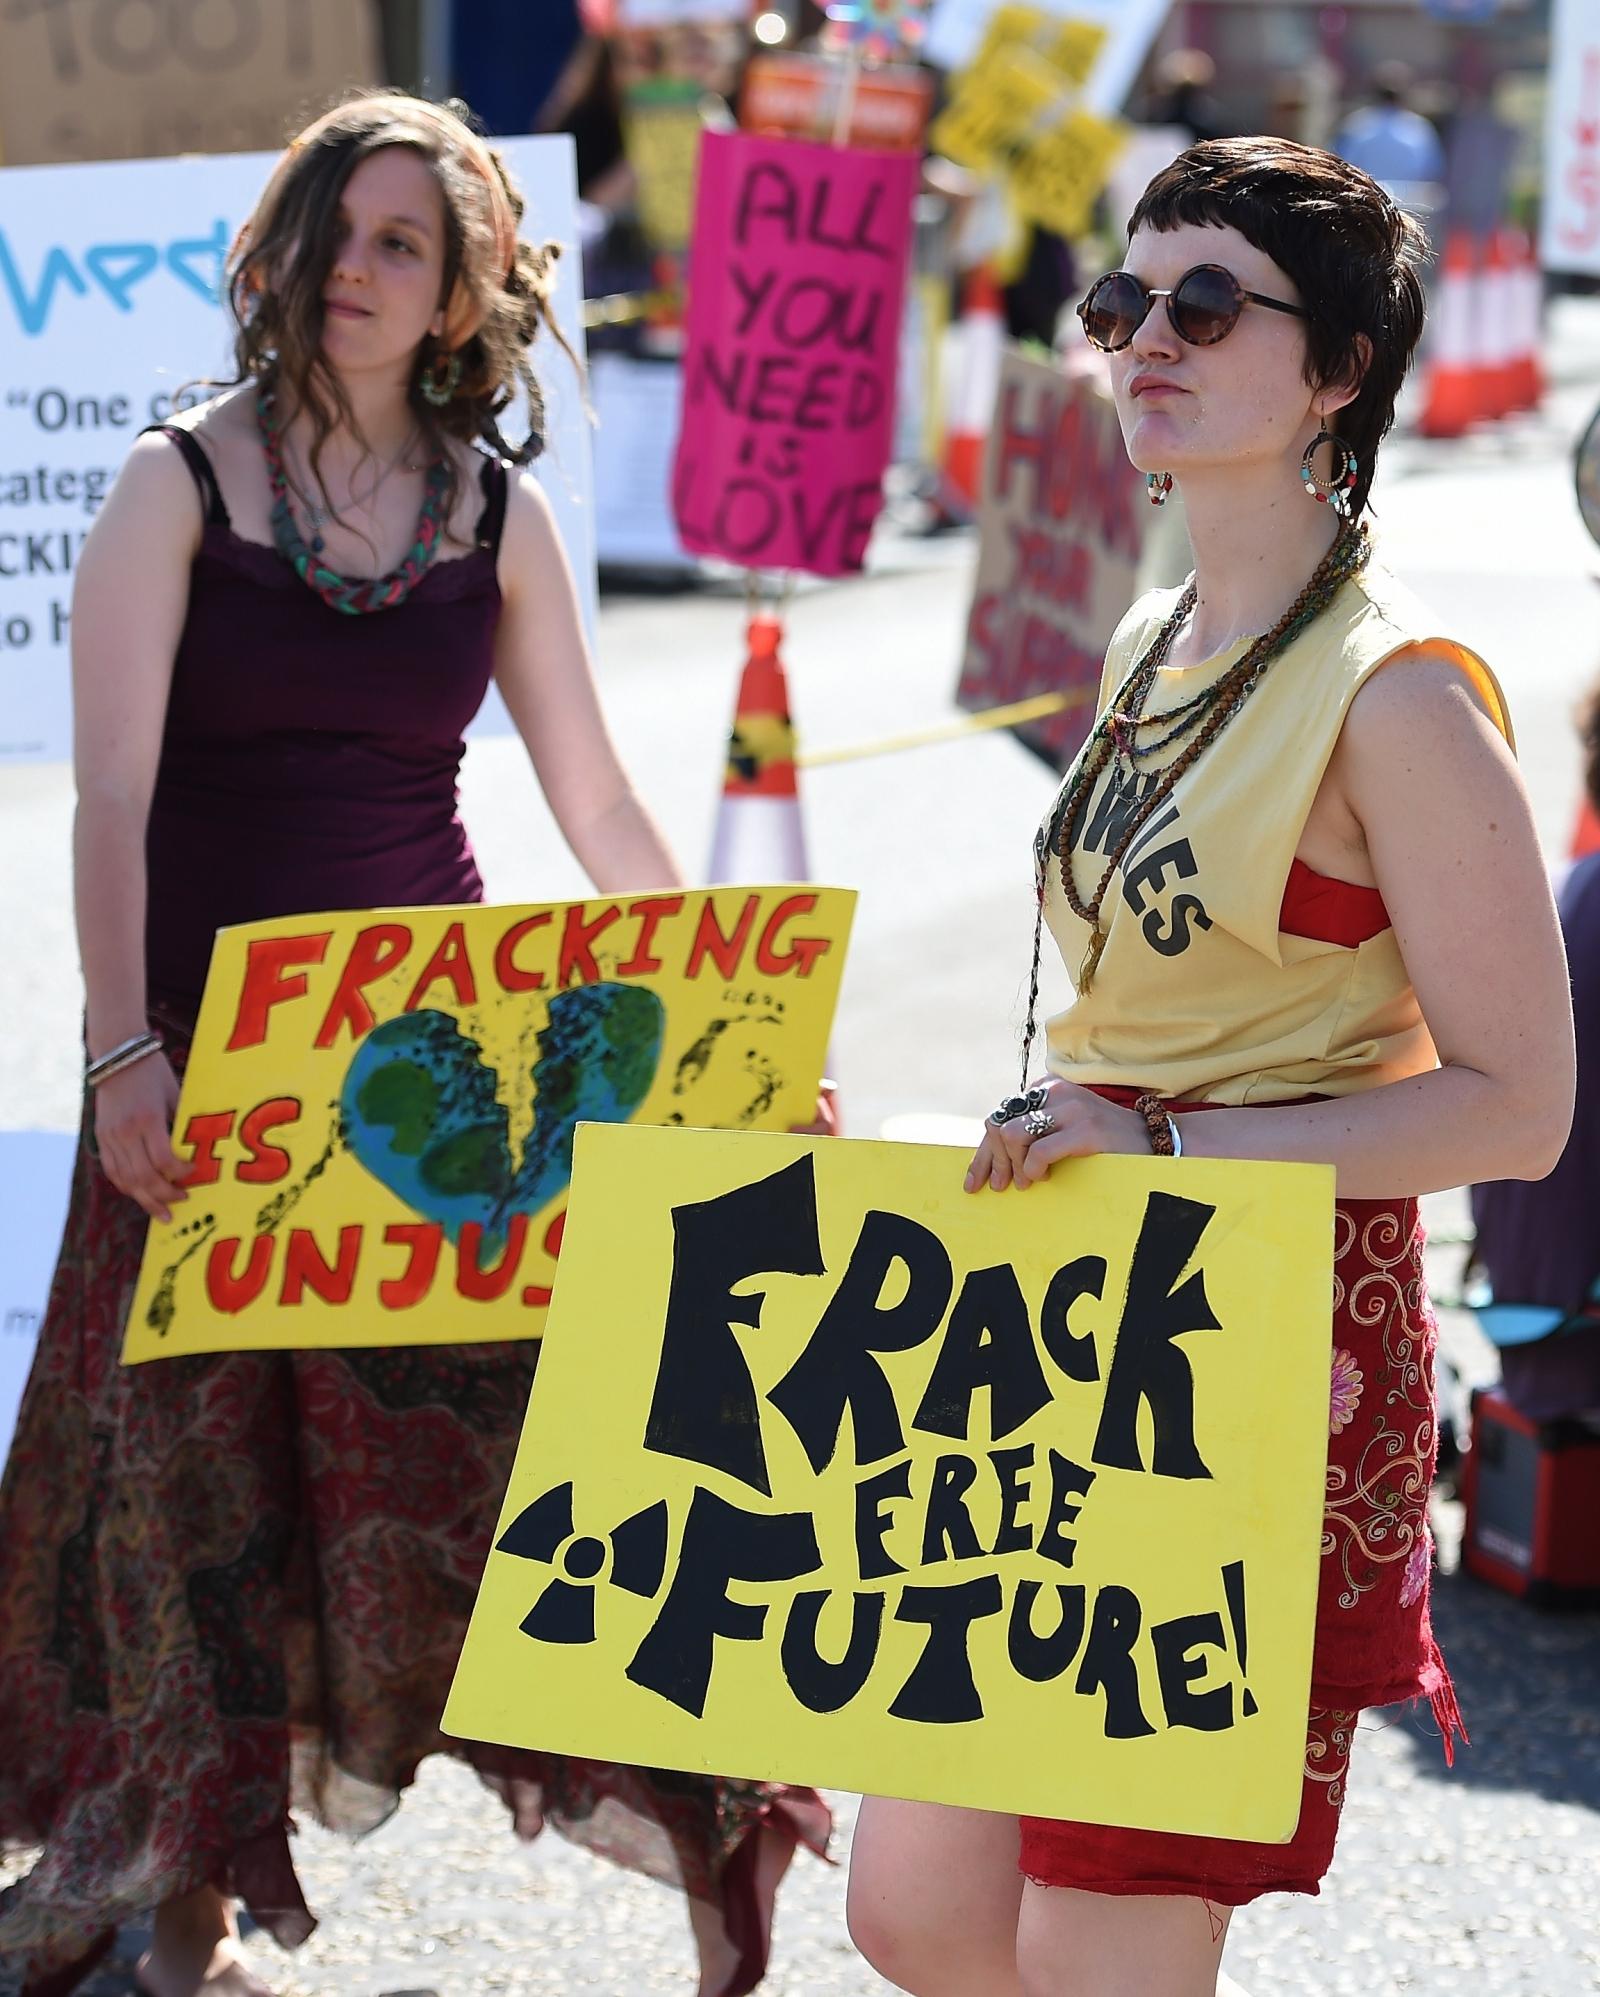 Women protesting against fracking